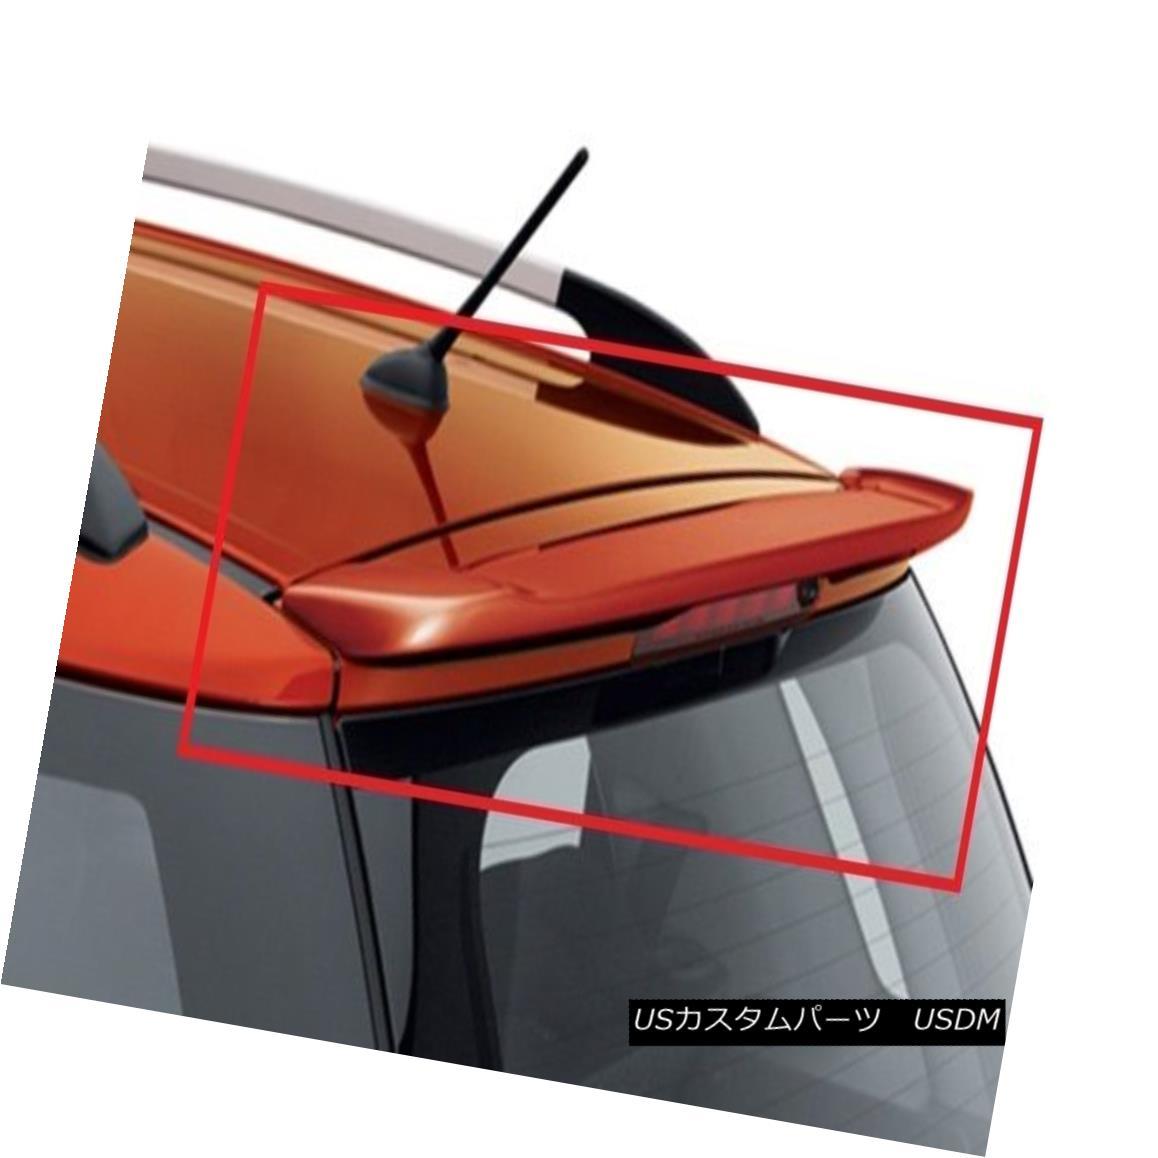 エアロパーツ SUZUKI SX4 / FIAT SEDICI REAR ROOF SPOILER NEW スズキSX4 /フィアットSEDICIリアルーフスポイラーNEW